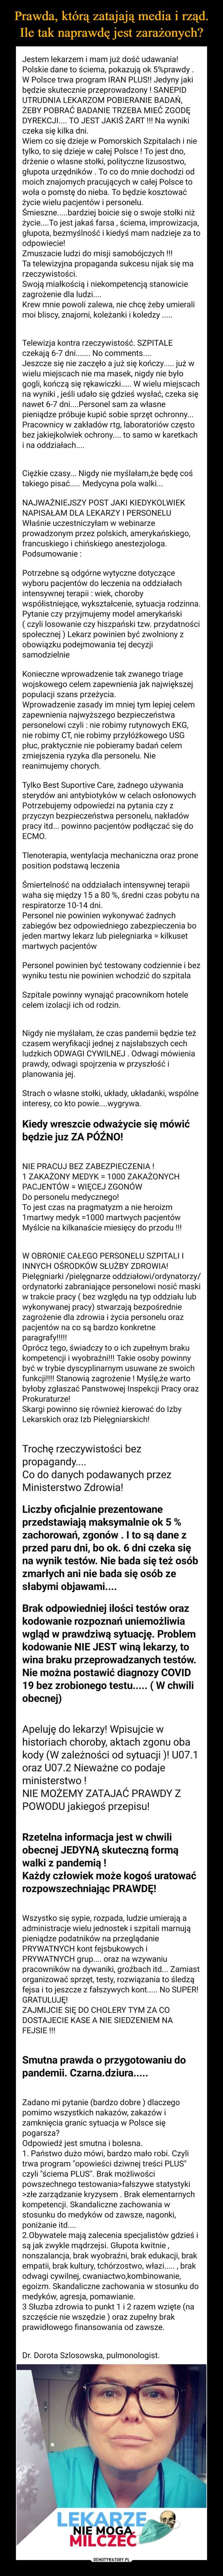 –  Jestem lekarzem i mam już dość udawania!Polskie dane to ściema, pokazują ok 5%prawdy.W Polsce trwa program IRAN PLUS! Jedyny jakibędzie skutecznie przeprowadzony ! SANEPIDUTRUDNIA LEKARZOM POBIERANIE BADAŃ,ŻEBY POBRAĆ BADANIE TRZEBA MIEĆ ZGODĘDYREKCJI.. TO JEST JAKIŚ ŻART !!! Na wynikiczeka się kilka dni.Wiem co się dzieje w Pomorskich Szpitalach i nietylko, to się dzieje w całej Polsce ! To jest dno,drżenie o własne stołki, polityczne lizusostwo,głupota urzędników . To co do mnie dochodzi odmoich znajomych pracujących w całej Polsce towoła o pomstę do nieba. To będzie kosztowaćżycie wielu pacjentów i personelu.Śmieszne.bardziej boicie się o swoje stołki niżżycie.To jest jakaś farsa , ściema, improwizacja,głupota, bezmyślność i kiedyś mam nadzieje za toodpowiecie!Zmuszacie ludzi do misji samobójczych !!!Ta telewizyjna propaganda sukcesu nijak się marzeczywistości.Swoją miałkością i niekompetencją stanowiciezagrożenie dla ludzi..Krew mnie powoli zalewa, nie chcę żeby umieralimoi bliscy, znajomi, koleżanki i koledzy .Telewizja kontra rzeczywistość. SZPITALEczekają 6-7 dni.. No comments..Jeszcze się nie zaczęło a już się kończy.. już wwielu miejscach nie ma masek, nigdy nie byłogogli, kończą się rękawiczki.. W wielu miejscachna wyniki , jeśli udało się gdzieś wysłać, czeka sięnawet 6-7 dni..Personel sam za własnepieniądze próbuje kupić sobie sprzęt ochronny...Pracownicy w zakładów rtg, laboratoriów częstobez jakiejkolwiek ochrony.. to samo w karetkachi na oddziałach....Ciężkie czasy... Nigdy nie myślałam,że będę cośtakiego pisać.. Medycyna pola walki...NAJWAŻNIEJSZY POST JAKI KIEDYKOLWIEKNAPISAŁAM DLA LEKARZY I PERSONELUWłaśnie uczestniczyłam w webinarzeprowadzonym przez polskich, amerykańskiego,francuskiego i chińskiego anestezjologa.Podsumowanie :Potrzebne są odgórne wytyczne dotyczącewyboru pacjentów do leczenia na oddziałachintensywnej terapii : wiek, chorobywspółistniejące, wykształcenie, sytuacja rodzinna.Pytanie czy przyjmujemy model amerykański( czyli losowa